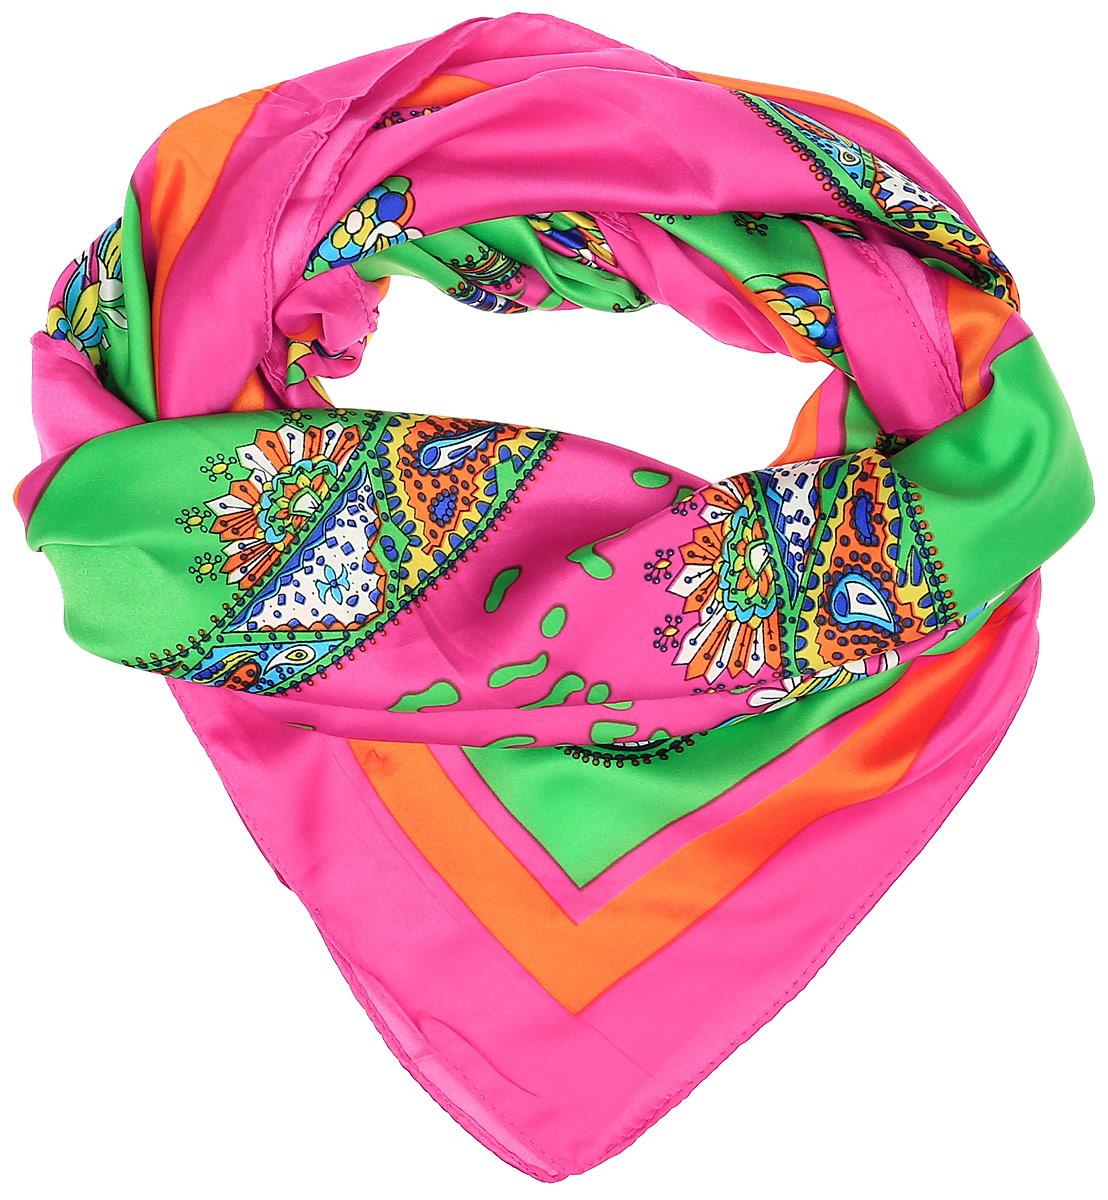 68ПЛ_90х90_15053_С_41Стильный женский платок Sabellino станет великолепным завершением любого наряда. Платок изготовлен из полиэстера с добавлением шелка и оформлен оригинальным цветочным принтом. Классическая квадратная форма позволяет носить платок на шее, украшать им прическу или декорировать сумочку.